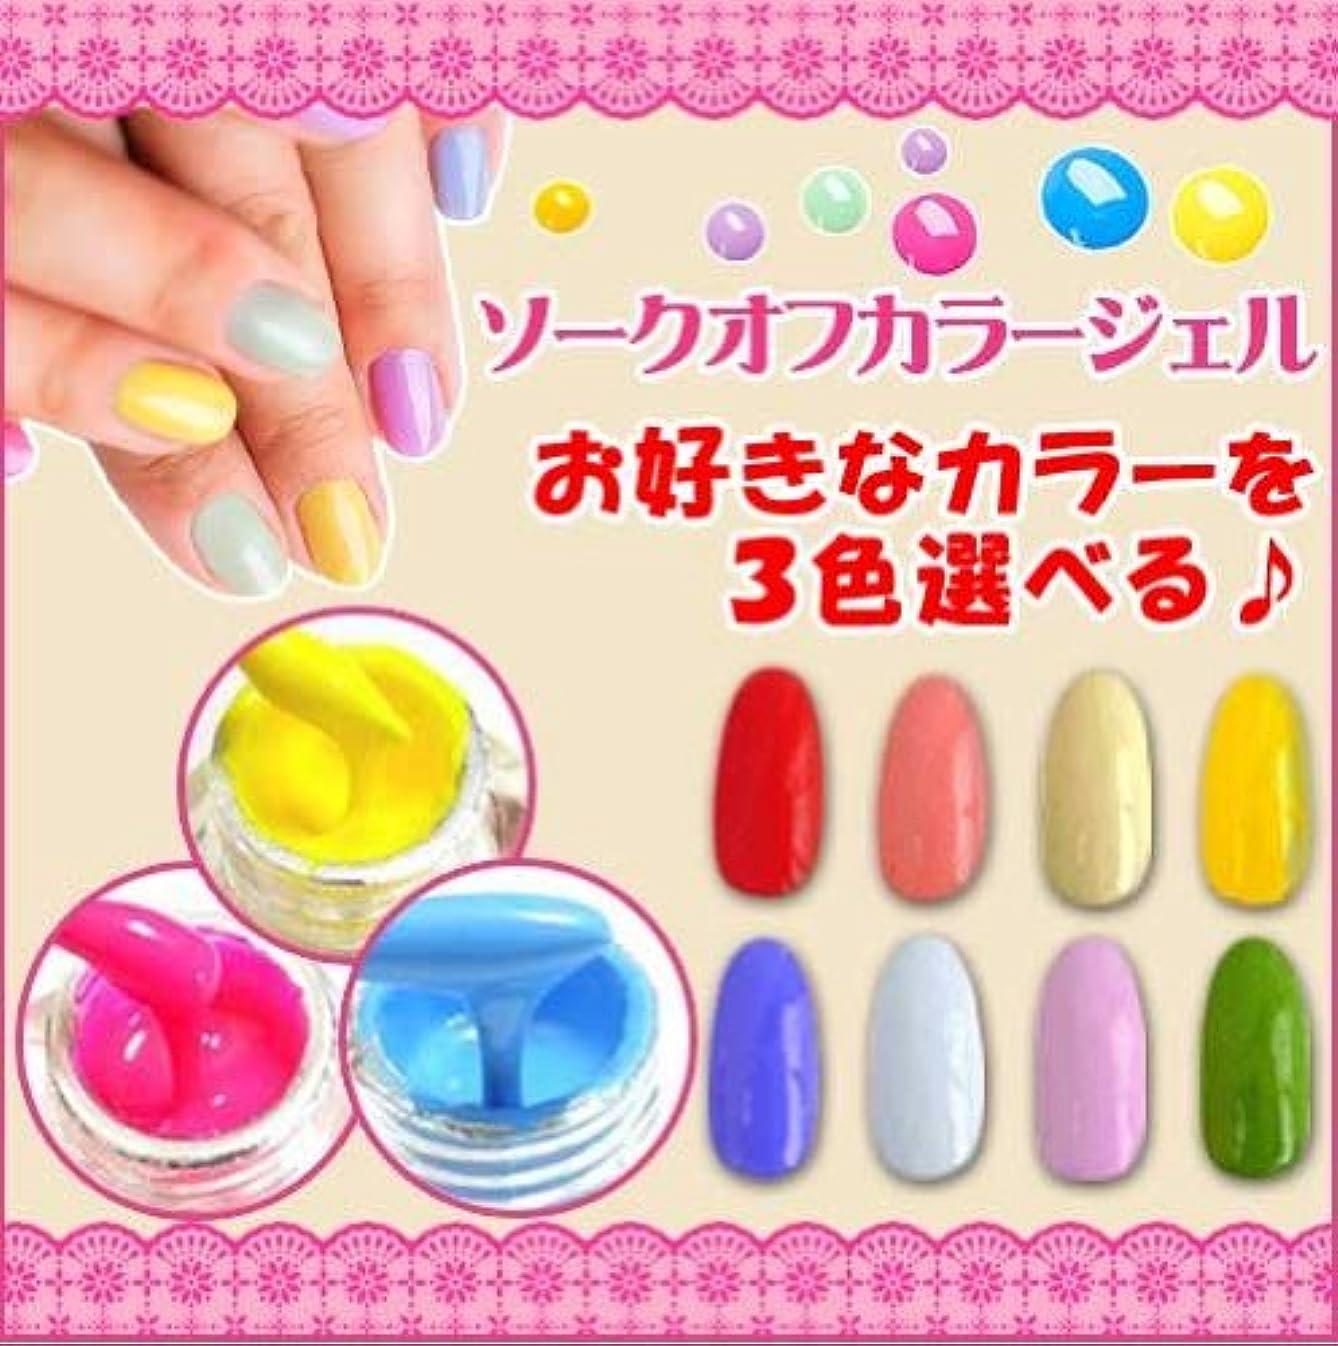 冷酷な脳古風な【好きなカラーが選べる?】カラージェル3色セット☆発色抜群